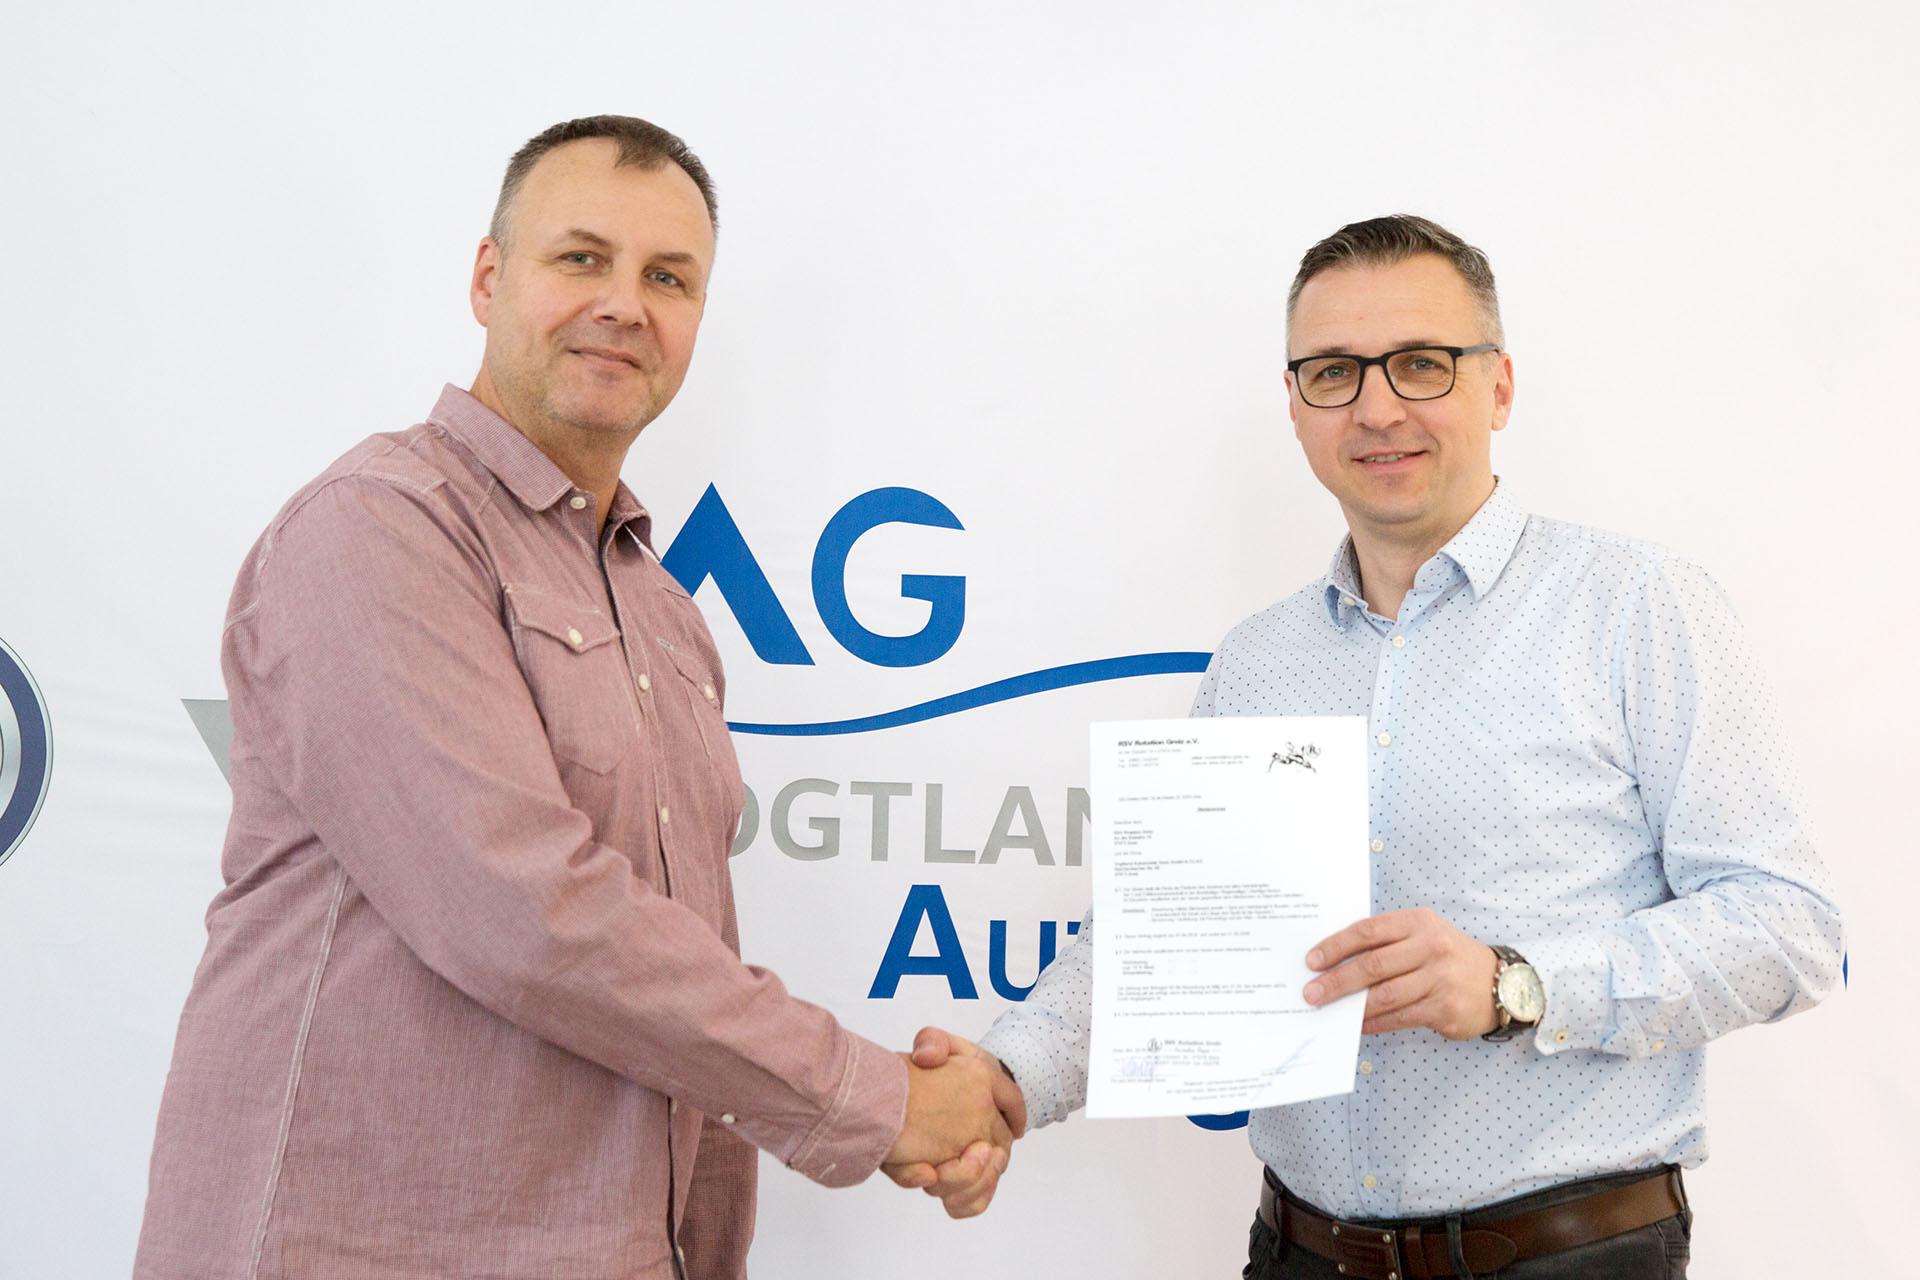 Der Sponsorenvertrag ist unterzeichnet: RSV-Präsident Thomas Fähndrich (links) und der Inhaber des Autohauses Vogtland Automobile in Greiz Jens-Uwe Bräunlich.